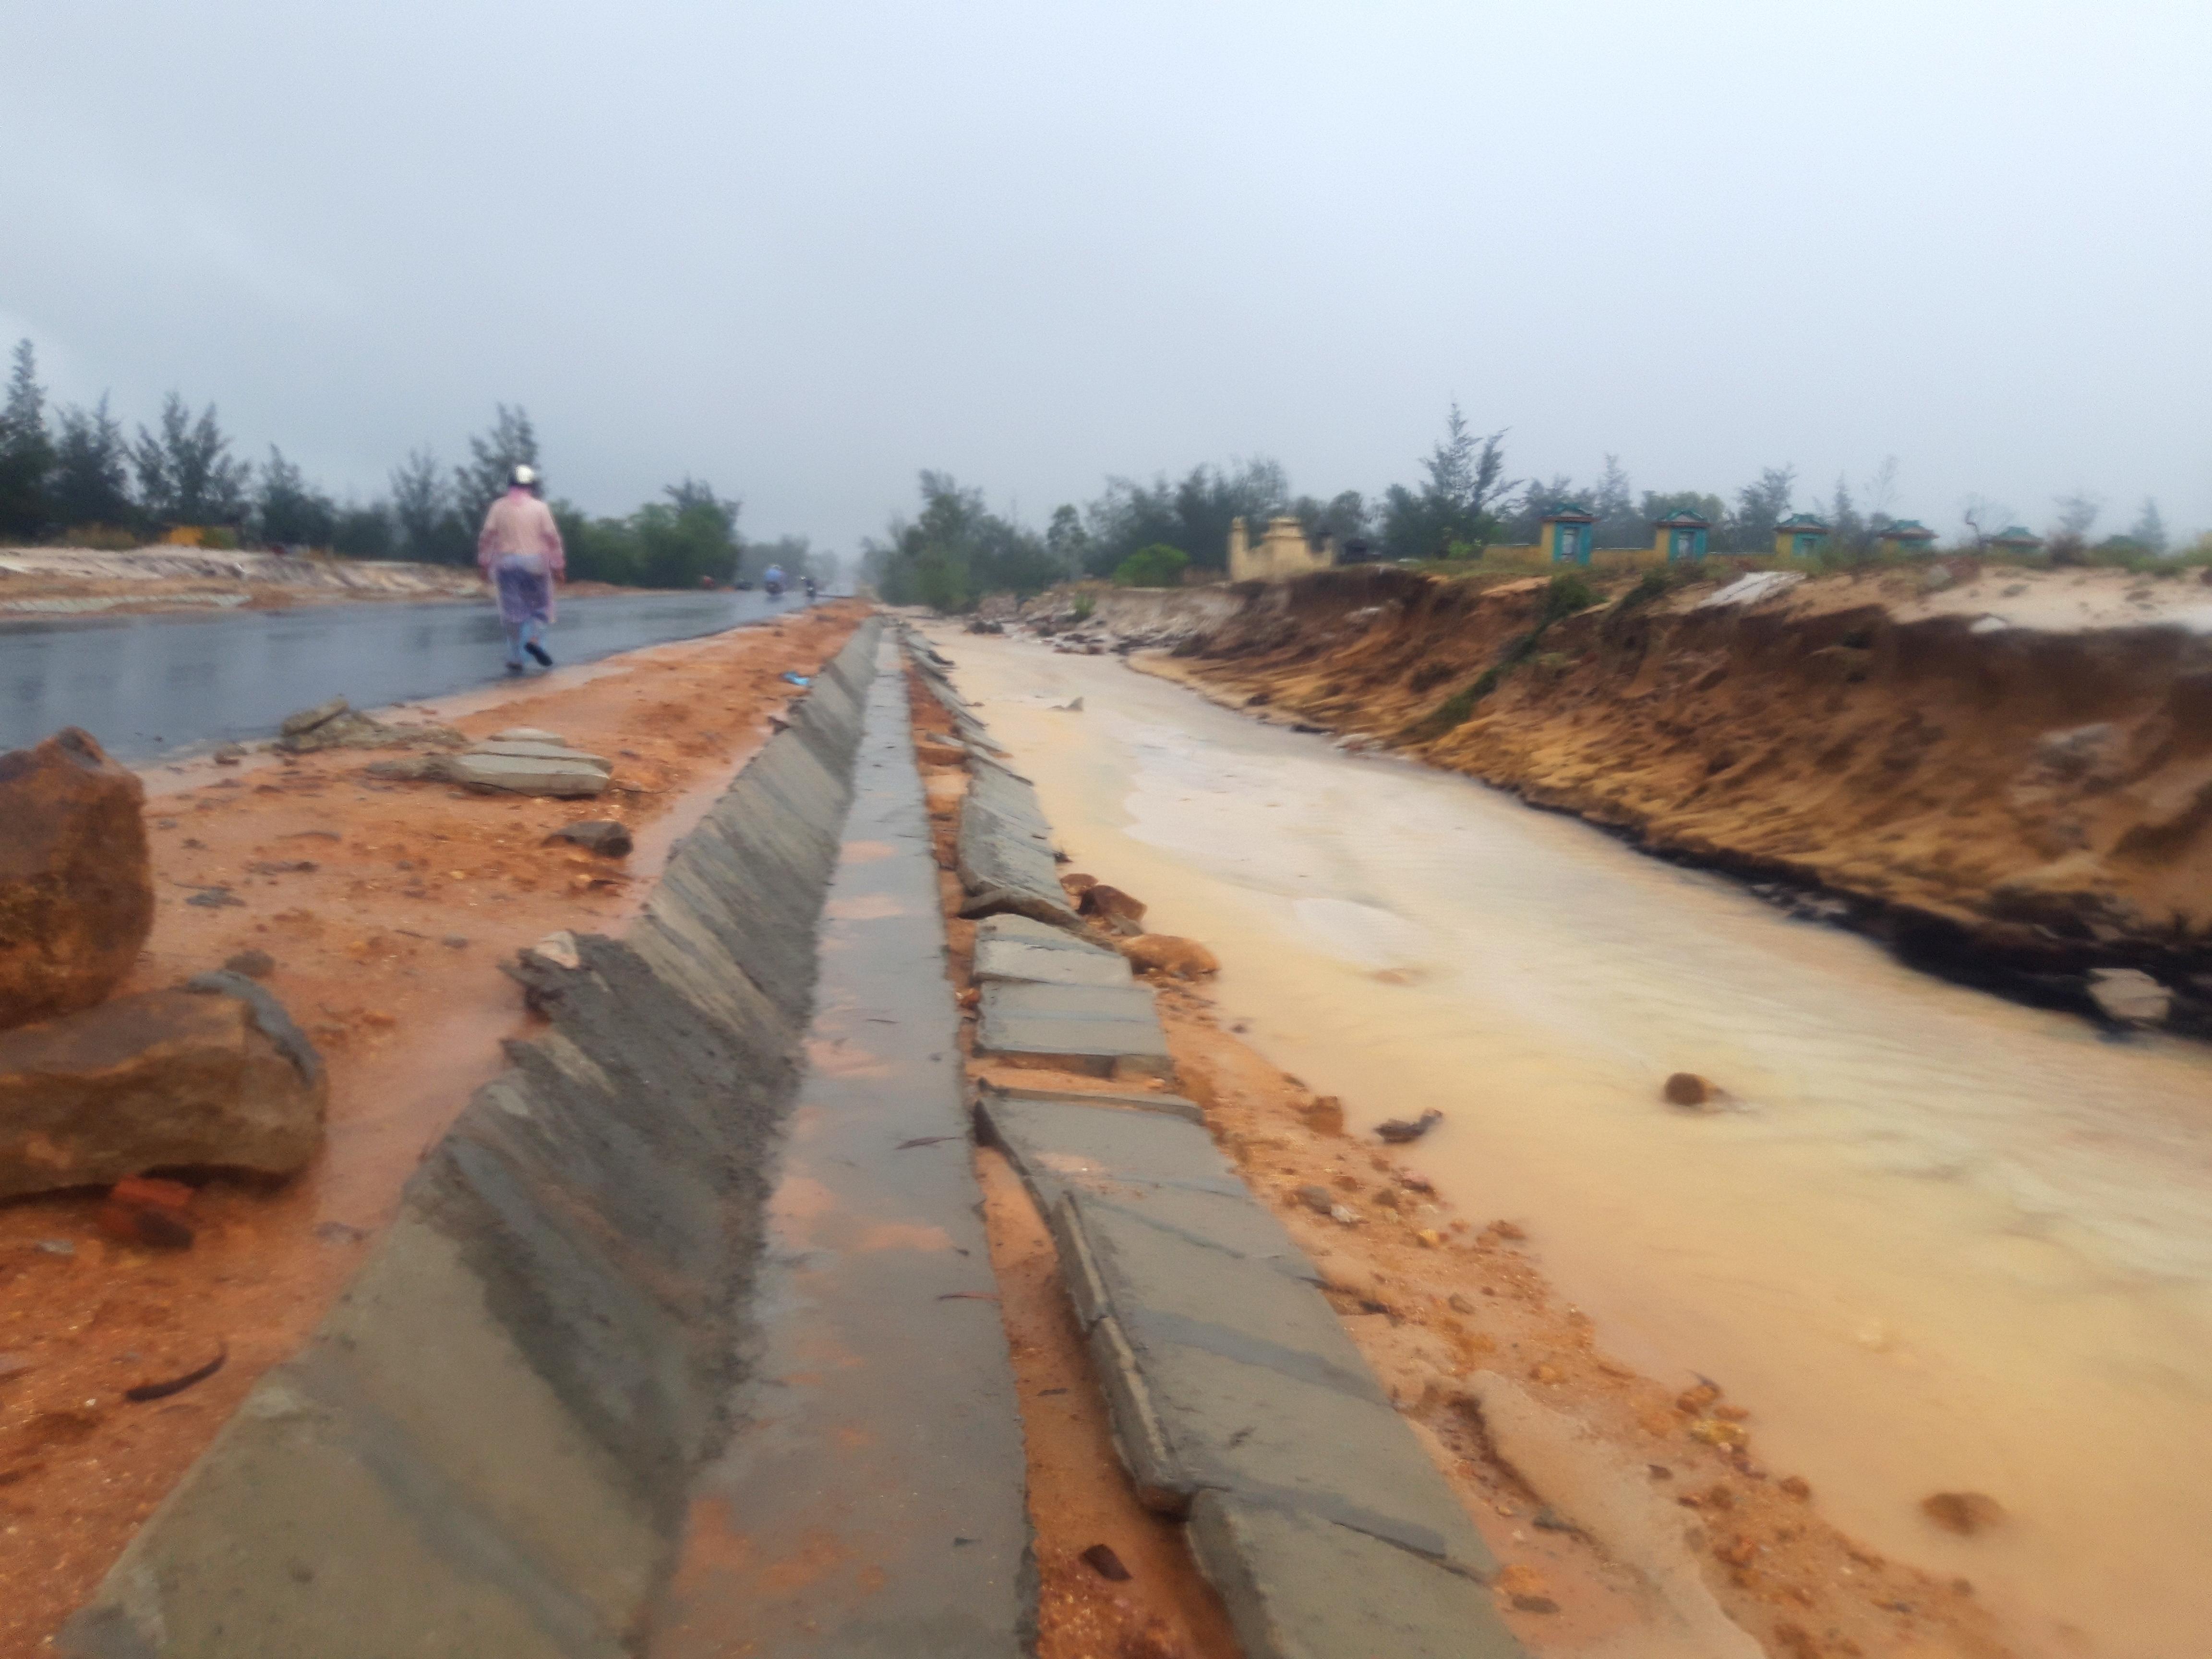 Mương thoát nước của tuyến đường cũng sạt lở nghiêm trọng. Ảnh: Hồ Quân